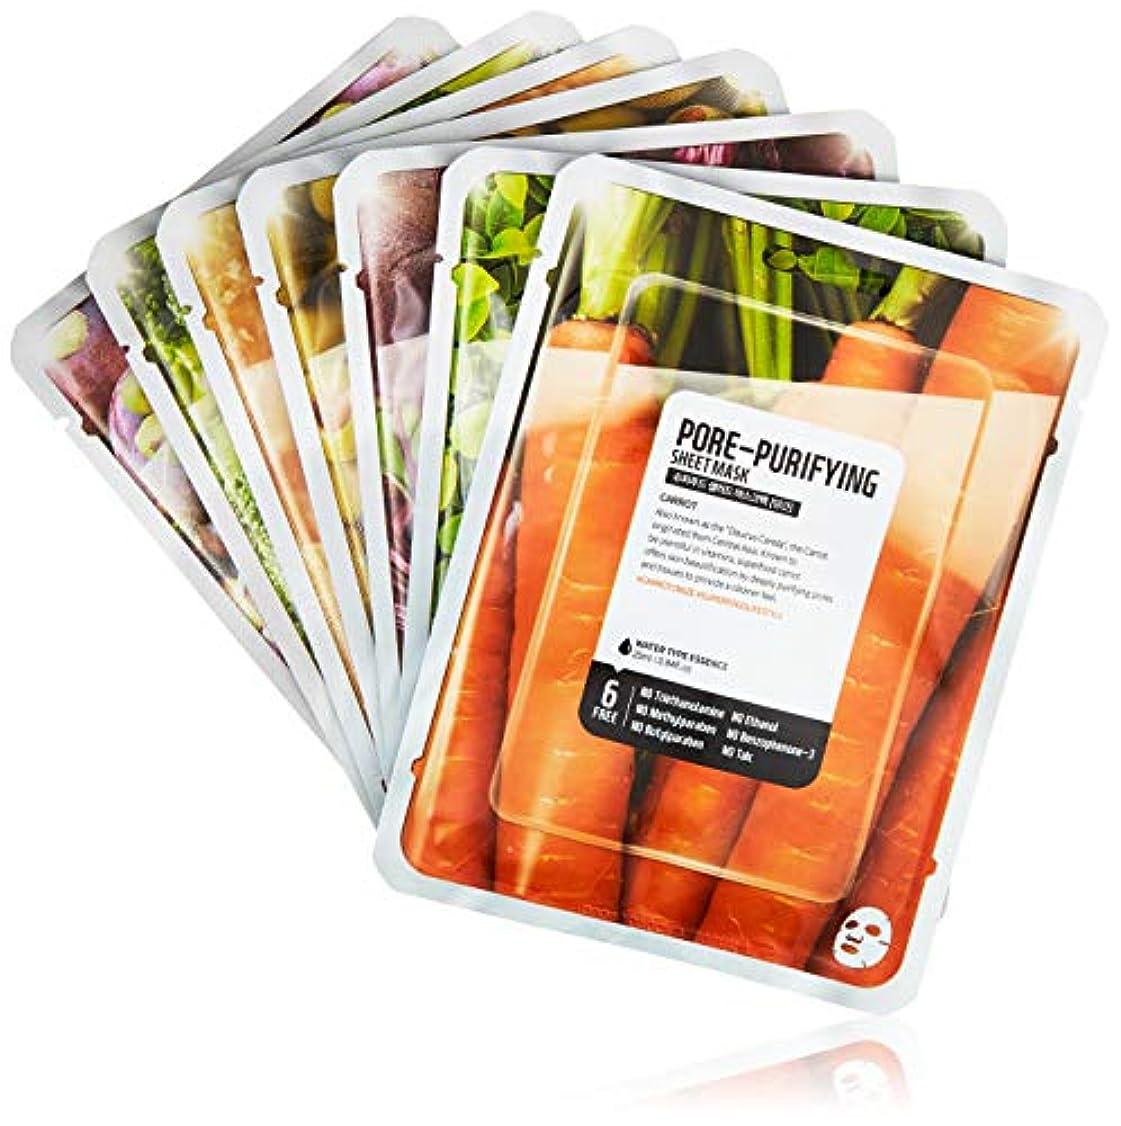 つらい神秘ブラウンファームスキン スーパーフードサラダ フォースキン フェイスマスクシート パッケージB(にんじん) 7枚入